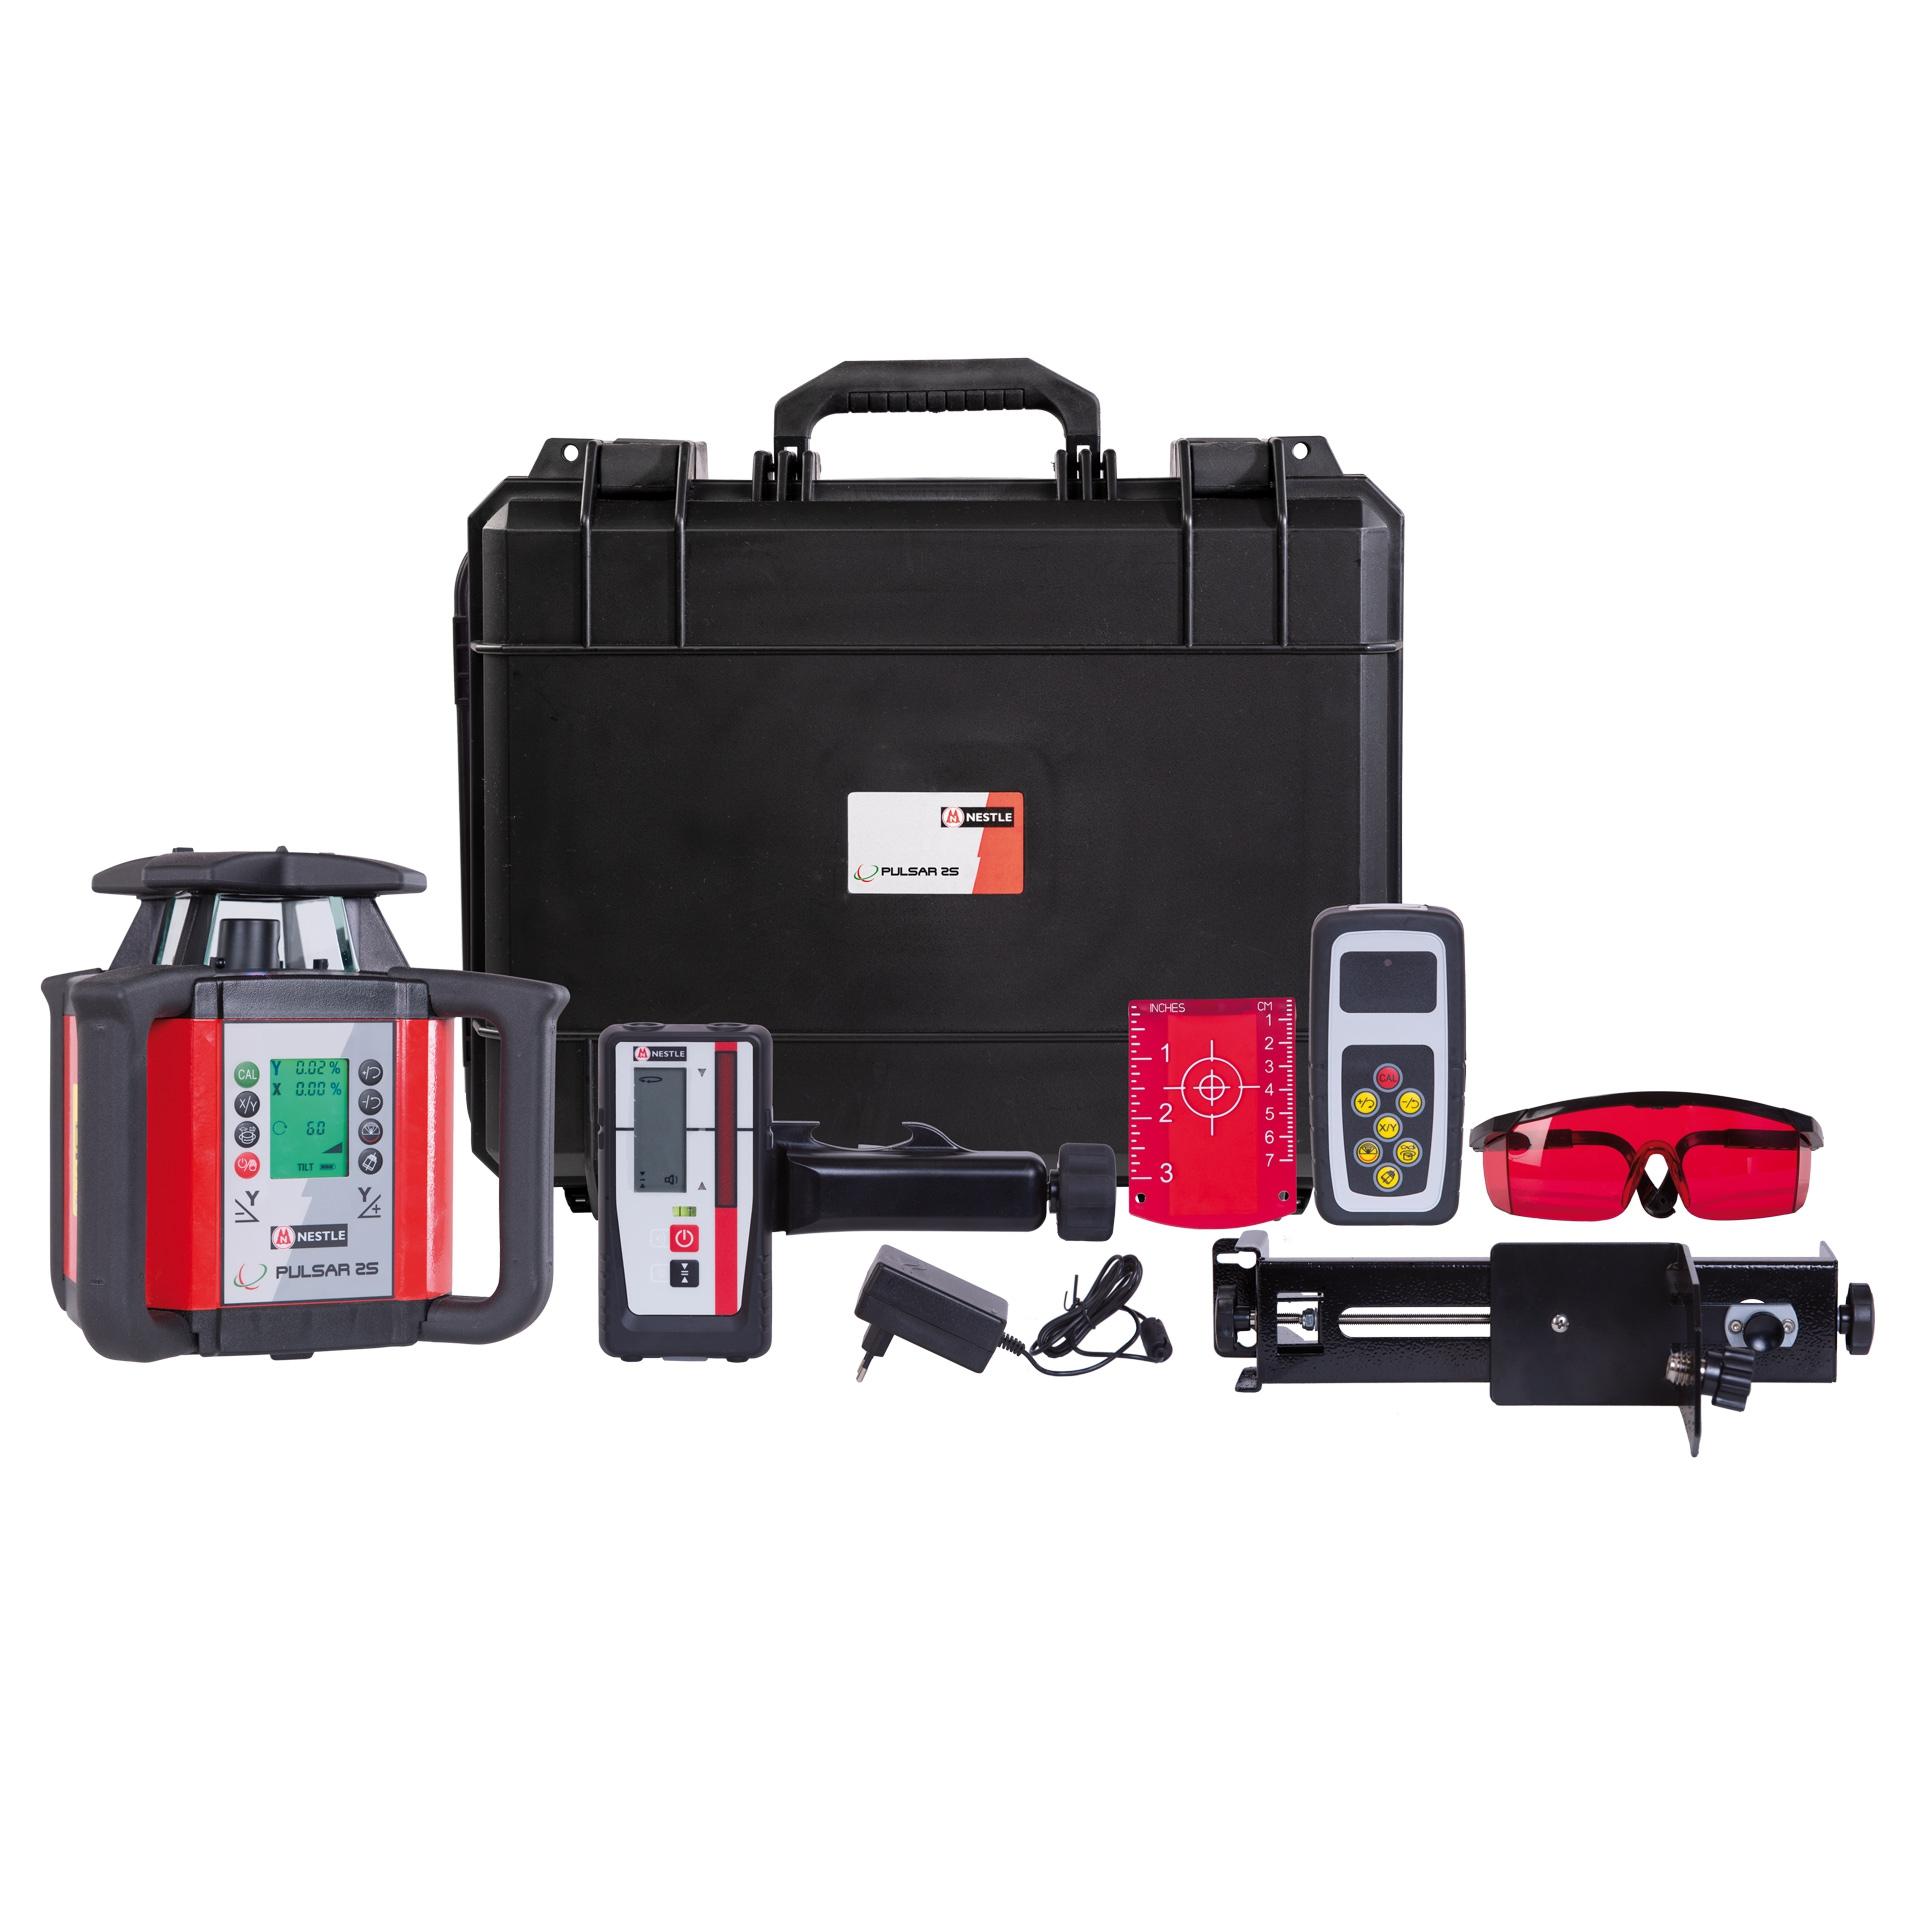 Nestle PULSAR 2S - vollautomatischer 2-Achs-Neigungslaser/Rotationslaser